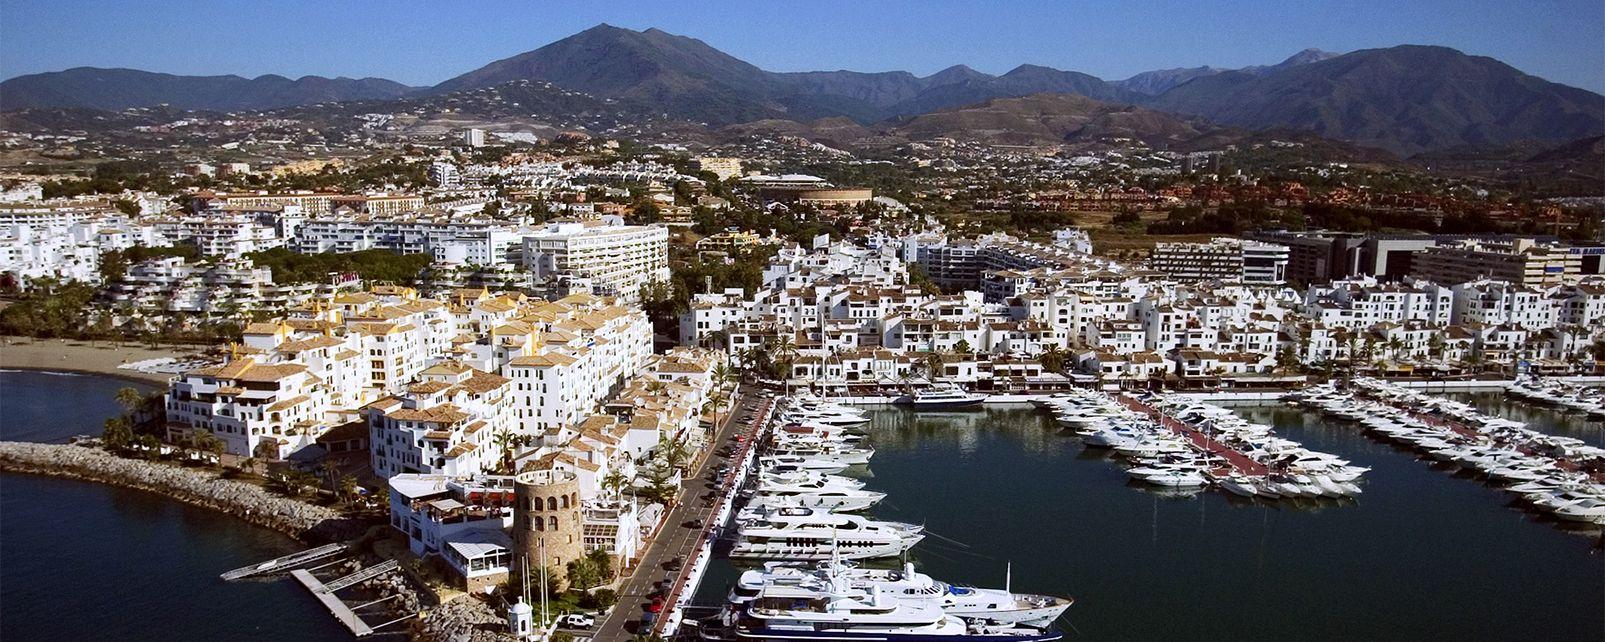 Les côtes, Espagne, andalousie, europe, costa del sol, puerto banus, port, mer, méditerranée